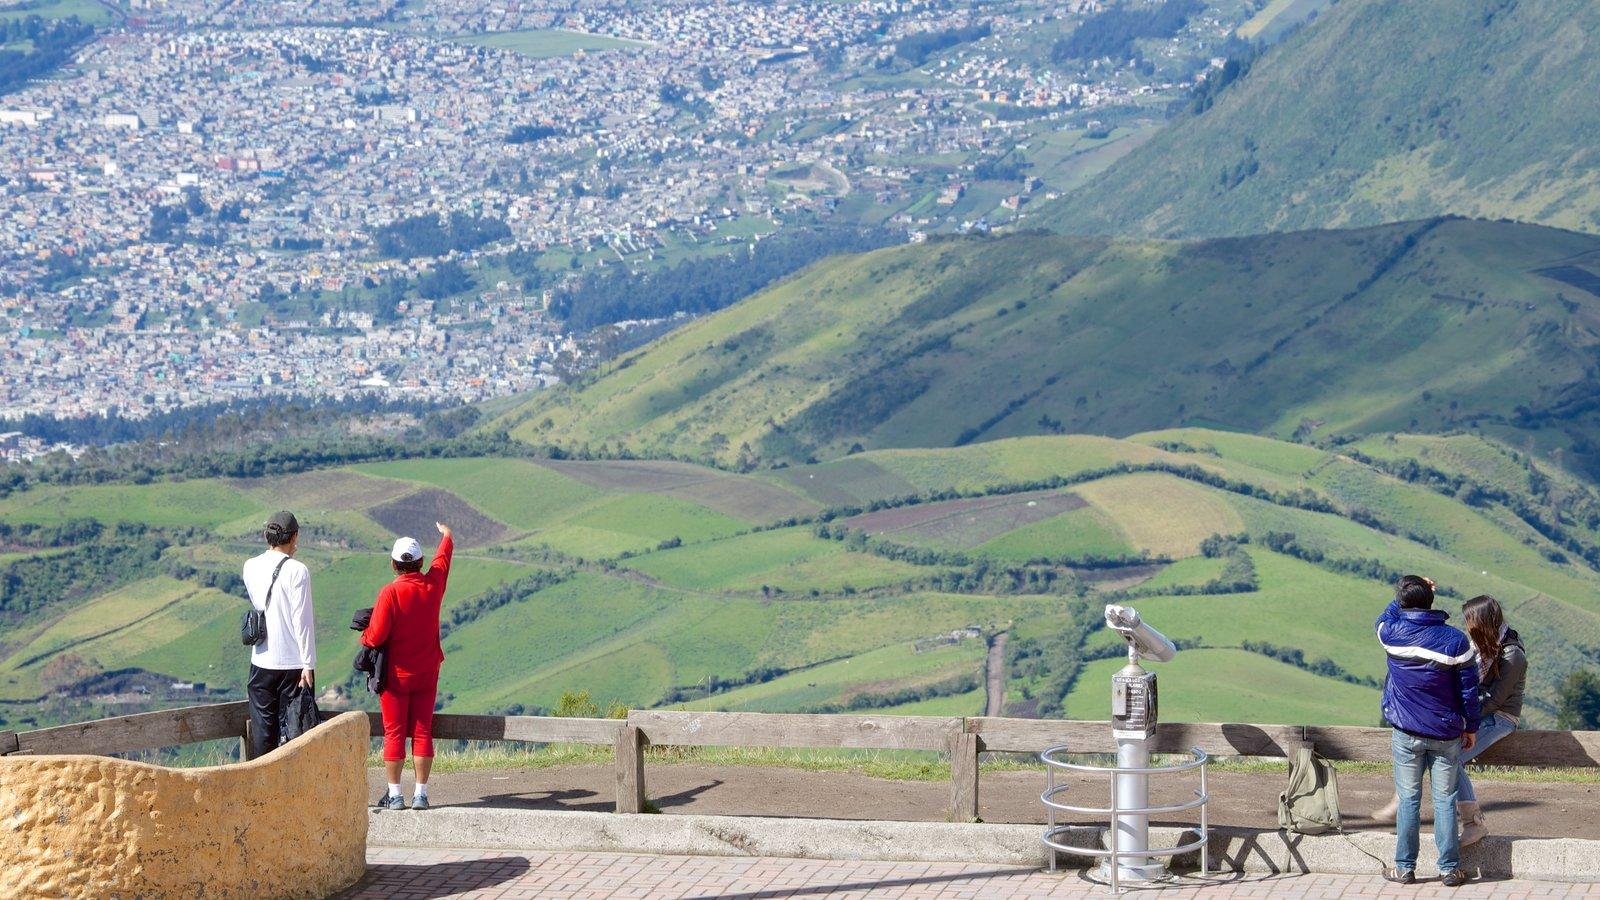 Teleférico de Quito mostrando paisagem e paisagens assim como um pequeno grupo de pessoas